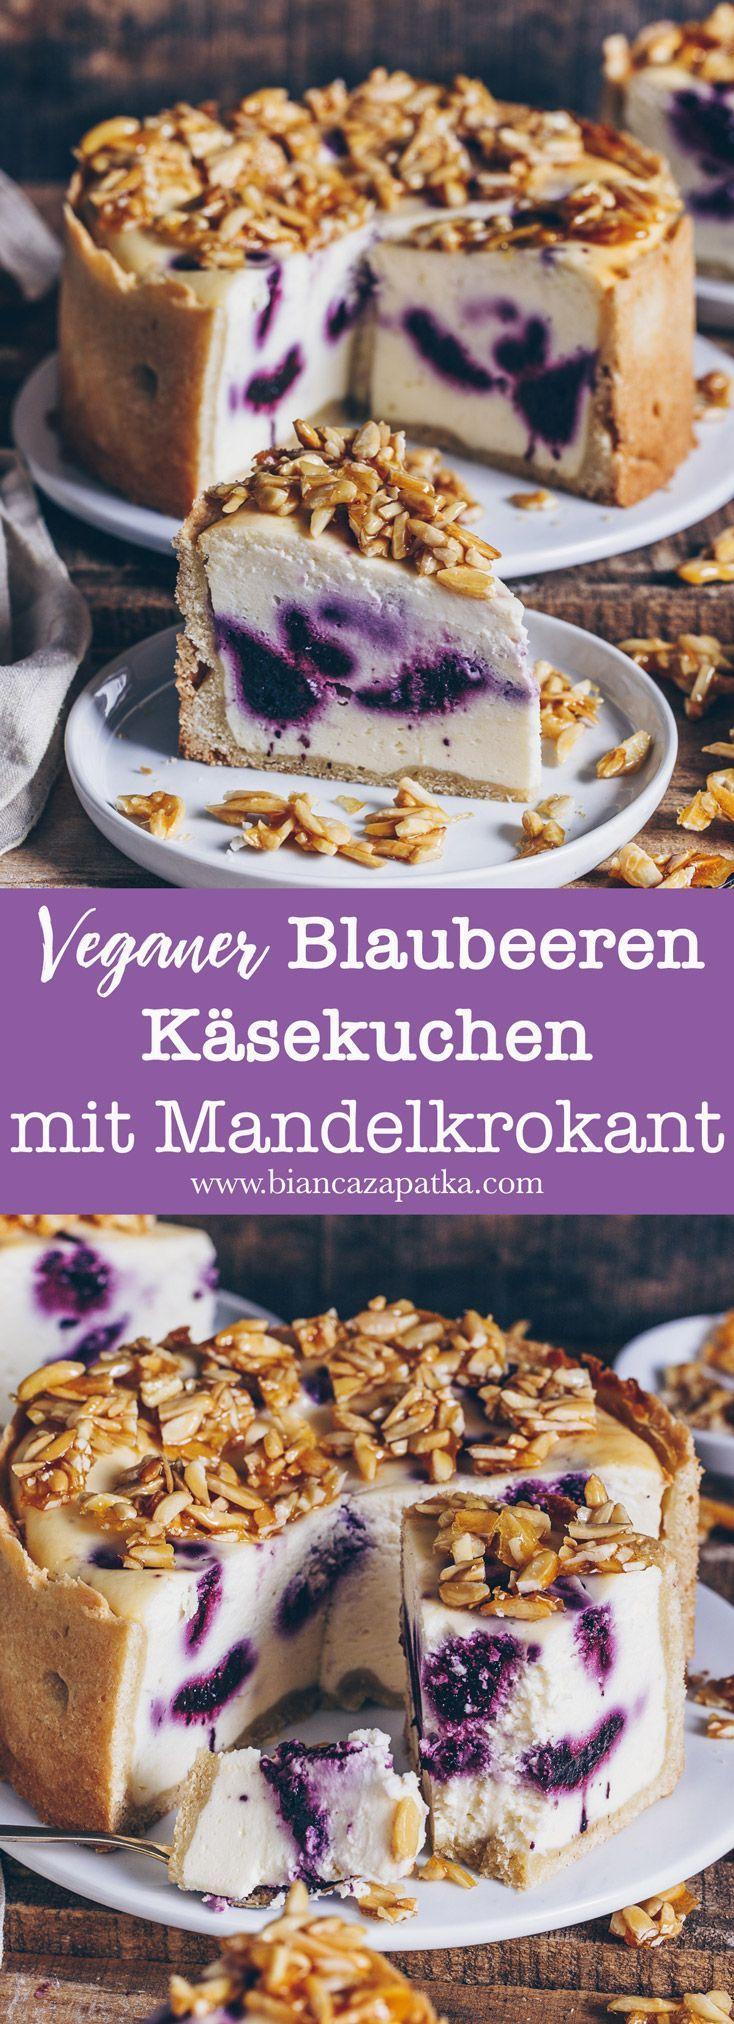 Veganer Blaubeeren Käsekuchen mit Mandelkrokant